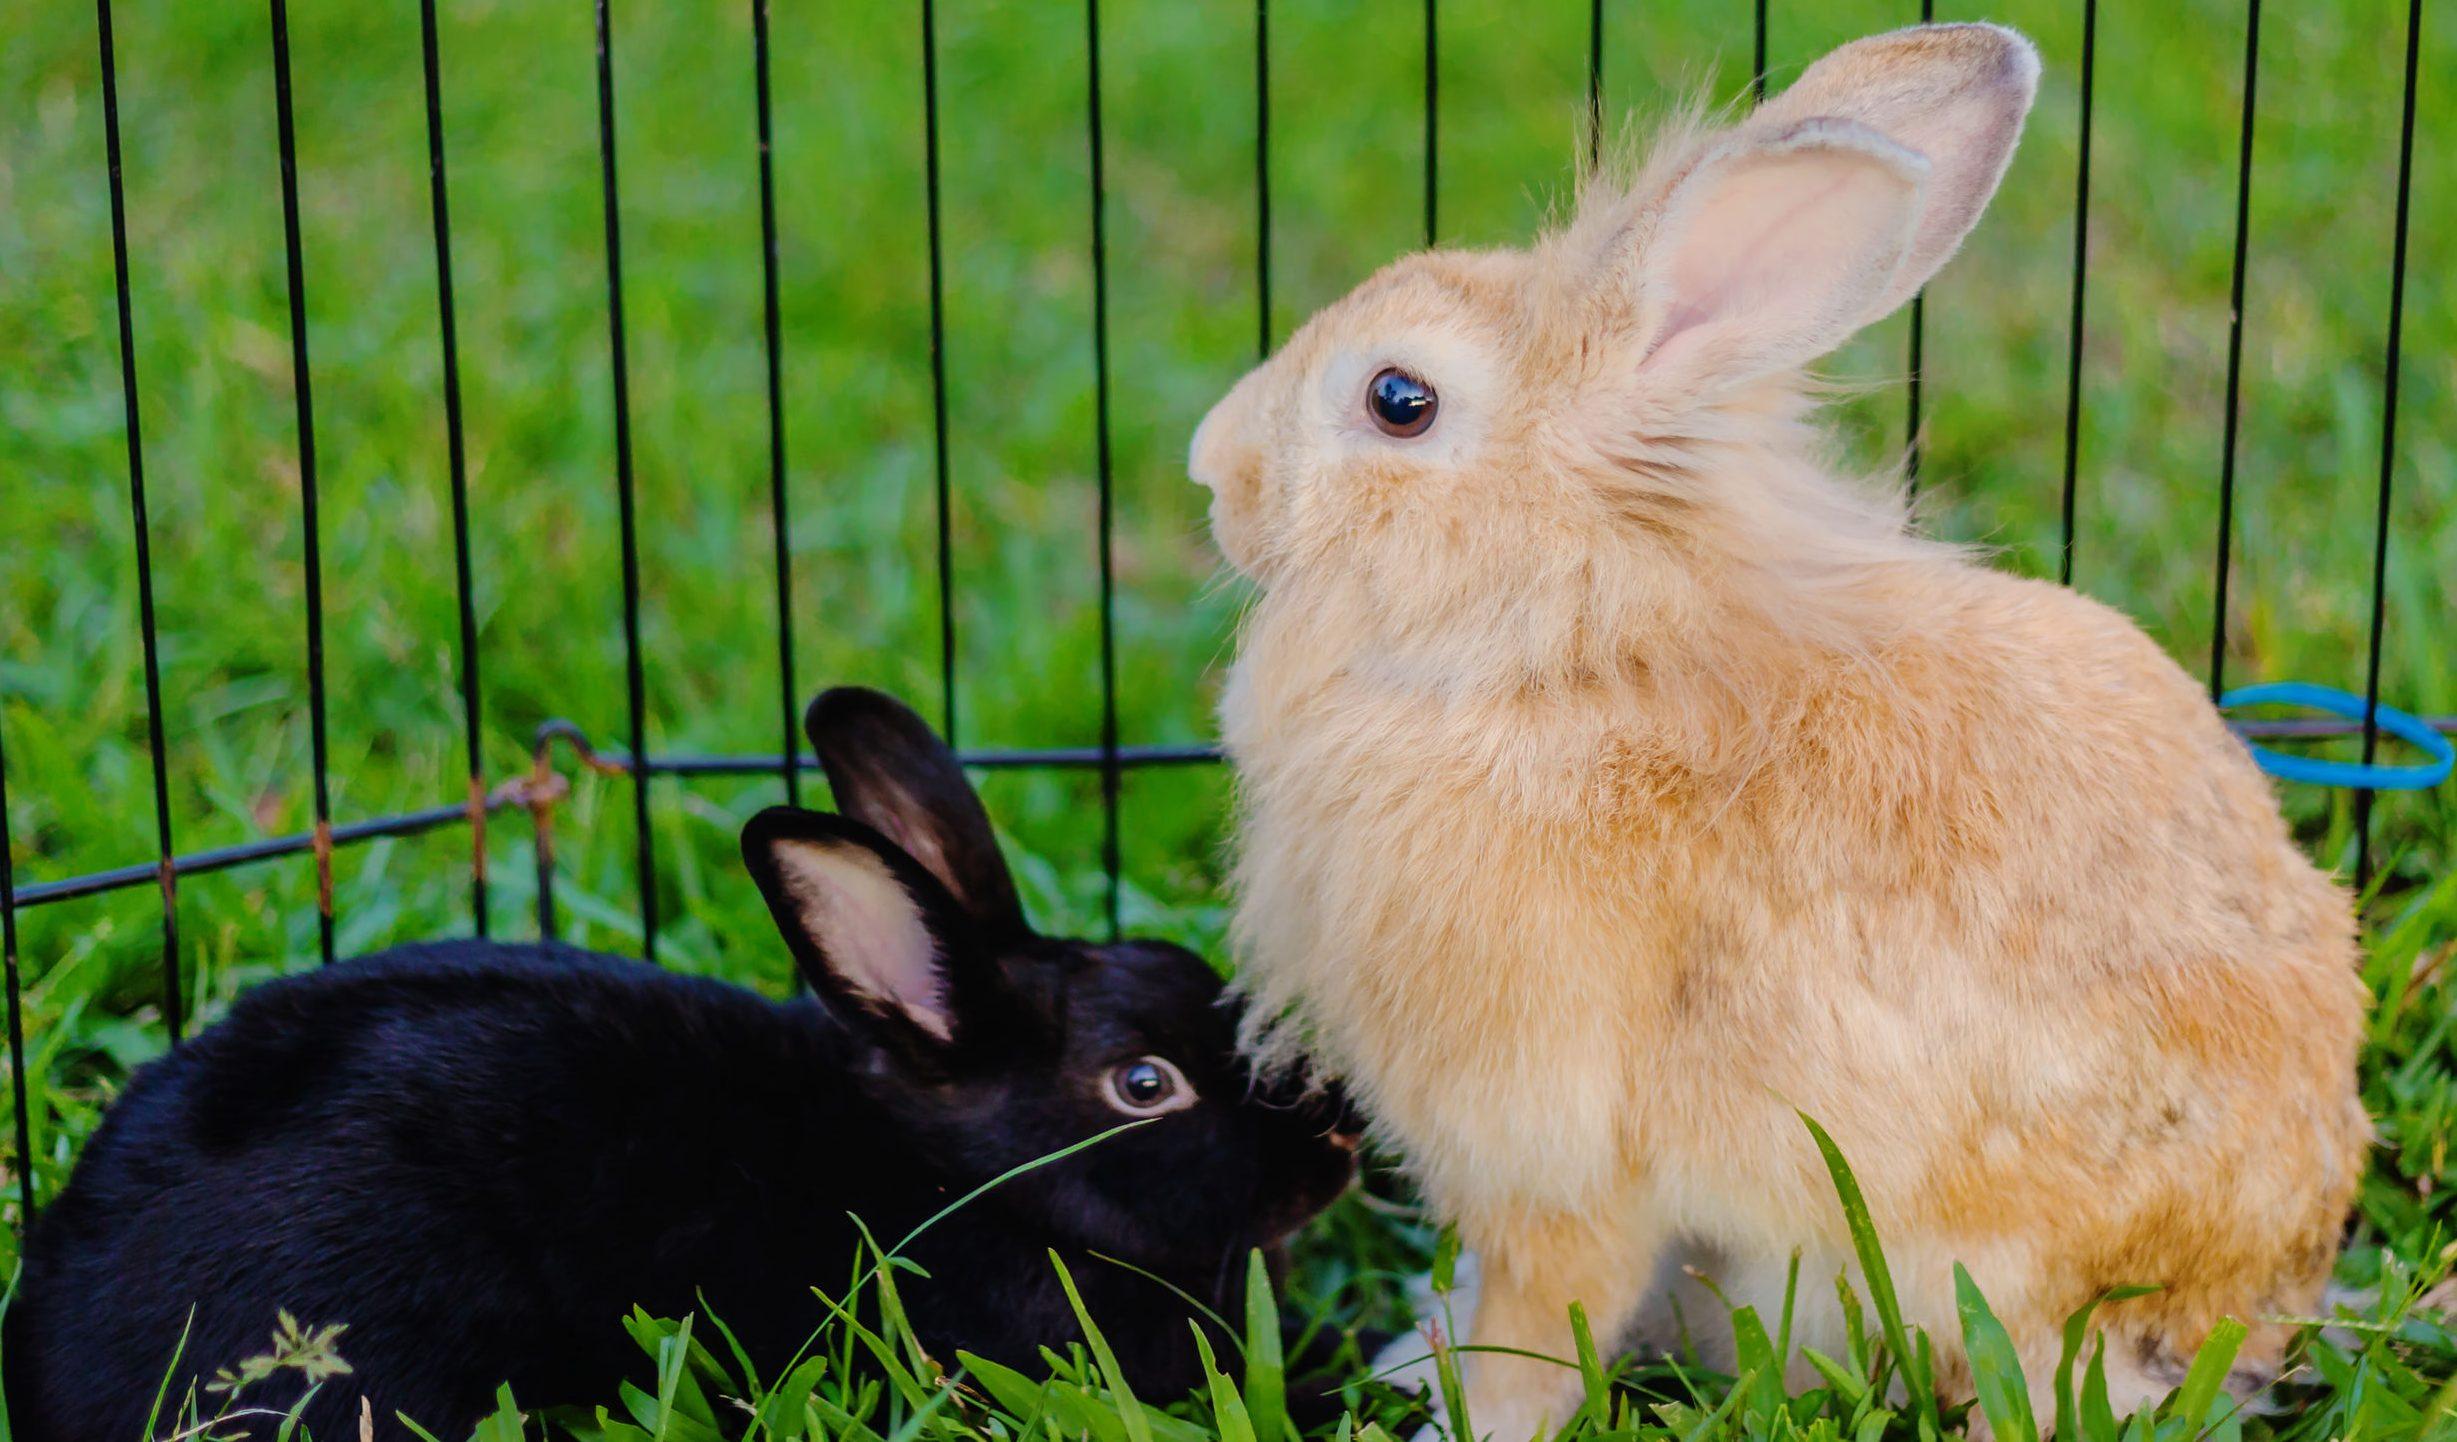 Gaiola para coelho: Qual é a melhor de 2021?